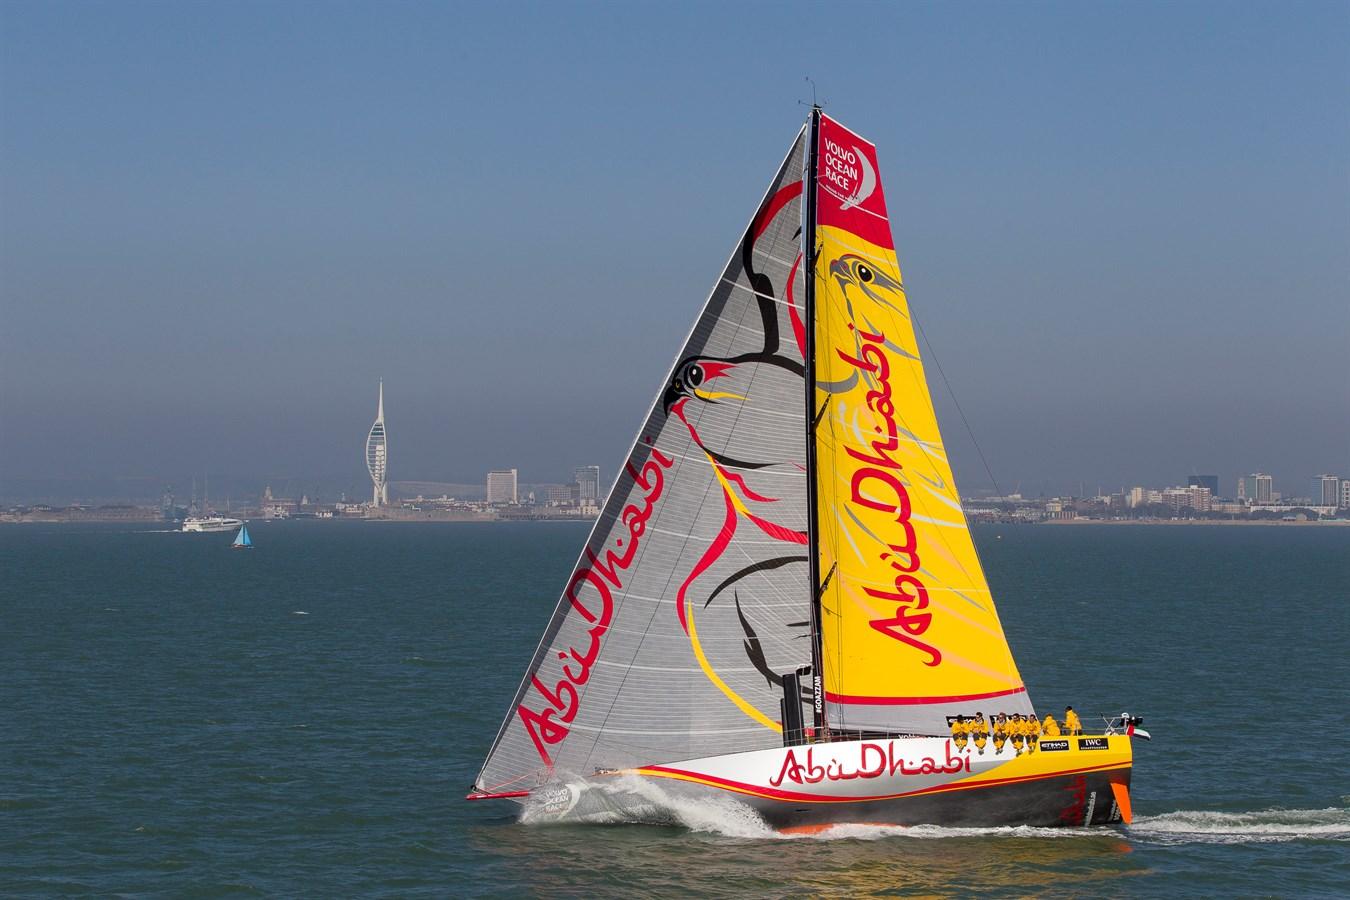 Volvo Ocean Race 2014-15 / Abu Dhabi Racing